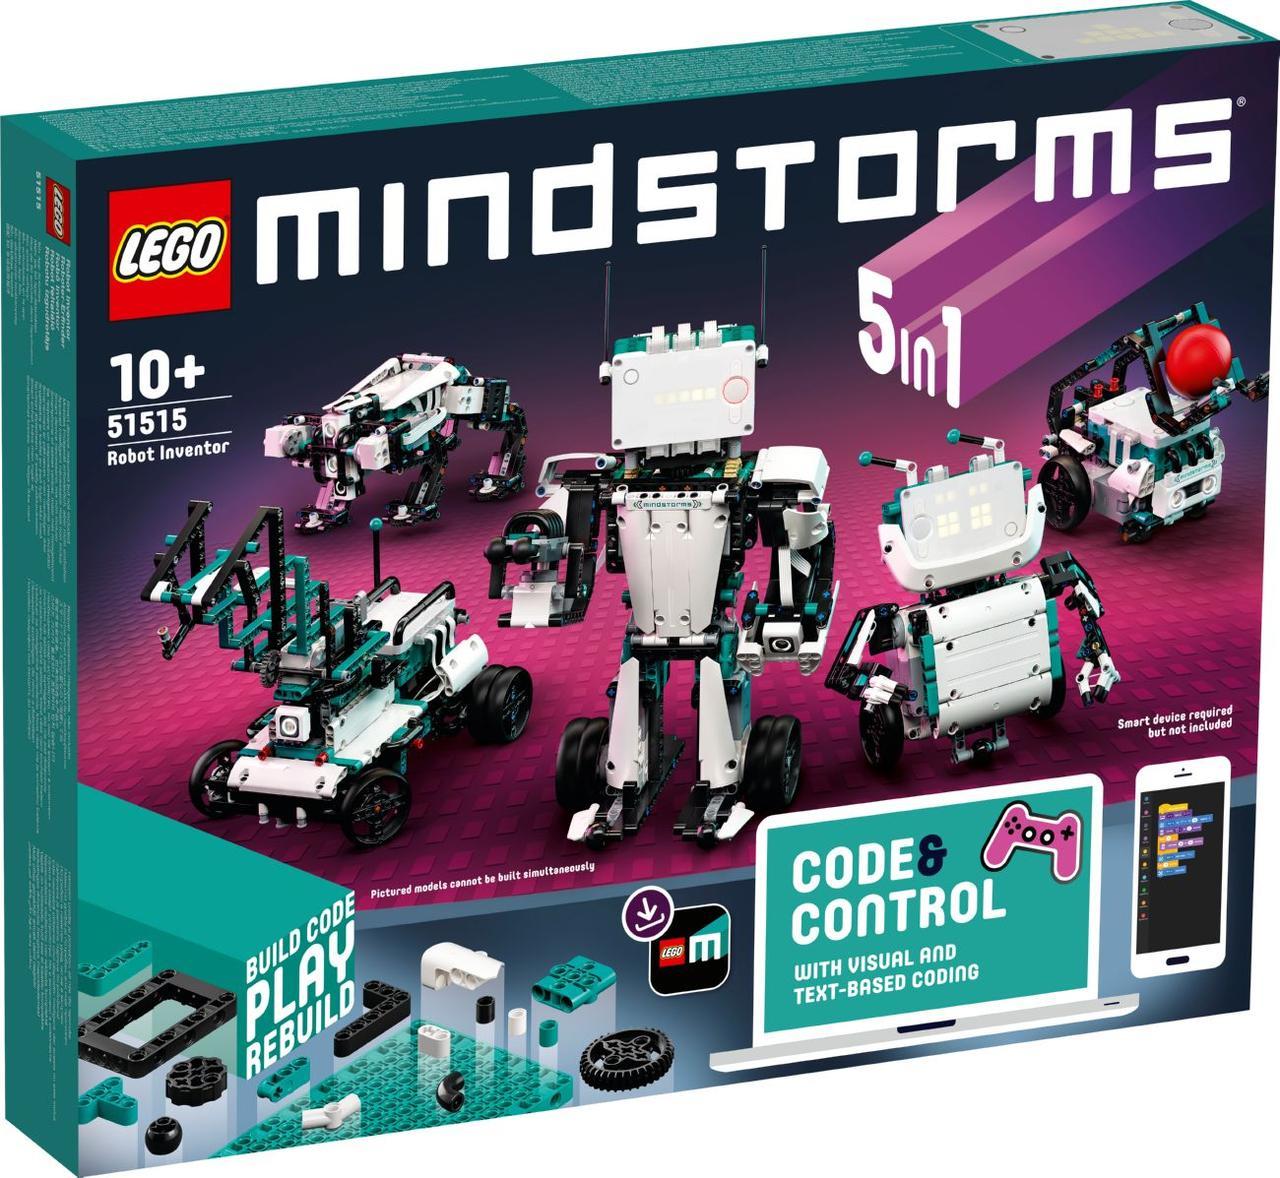 LEGO MINDSTORMS Робот-изобретатель 51515